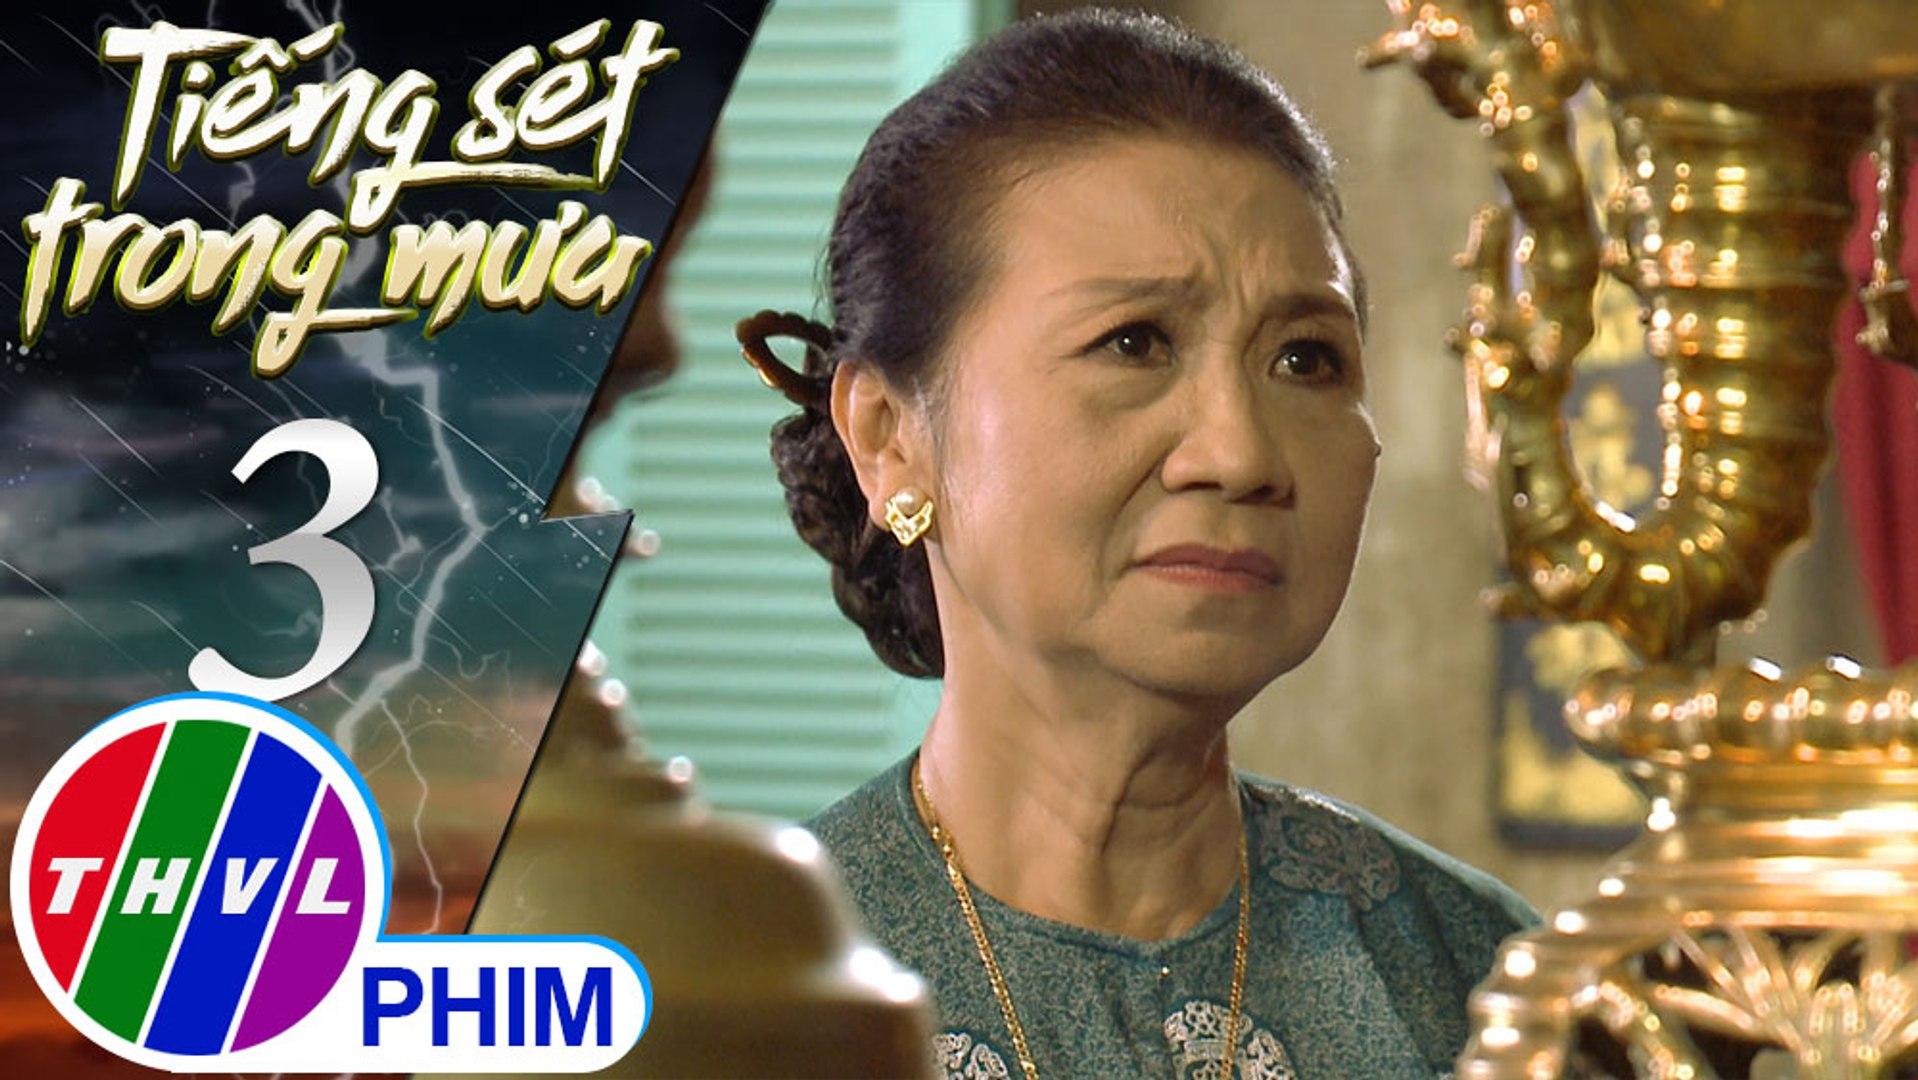 THVL | Tiếng sét trong mưa - Tập 3[5]: Bà Hội nhớ lại chuyện Khải Duy vô tình đánh chết người